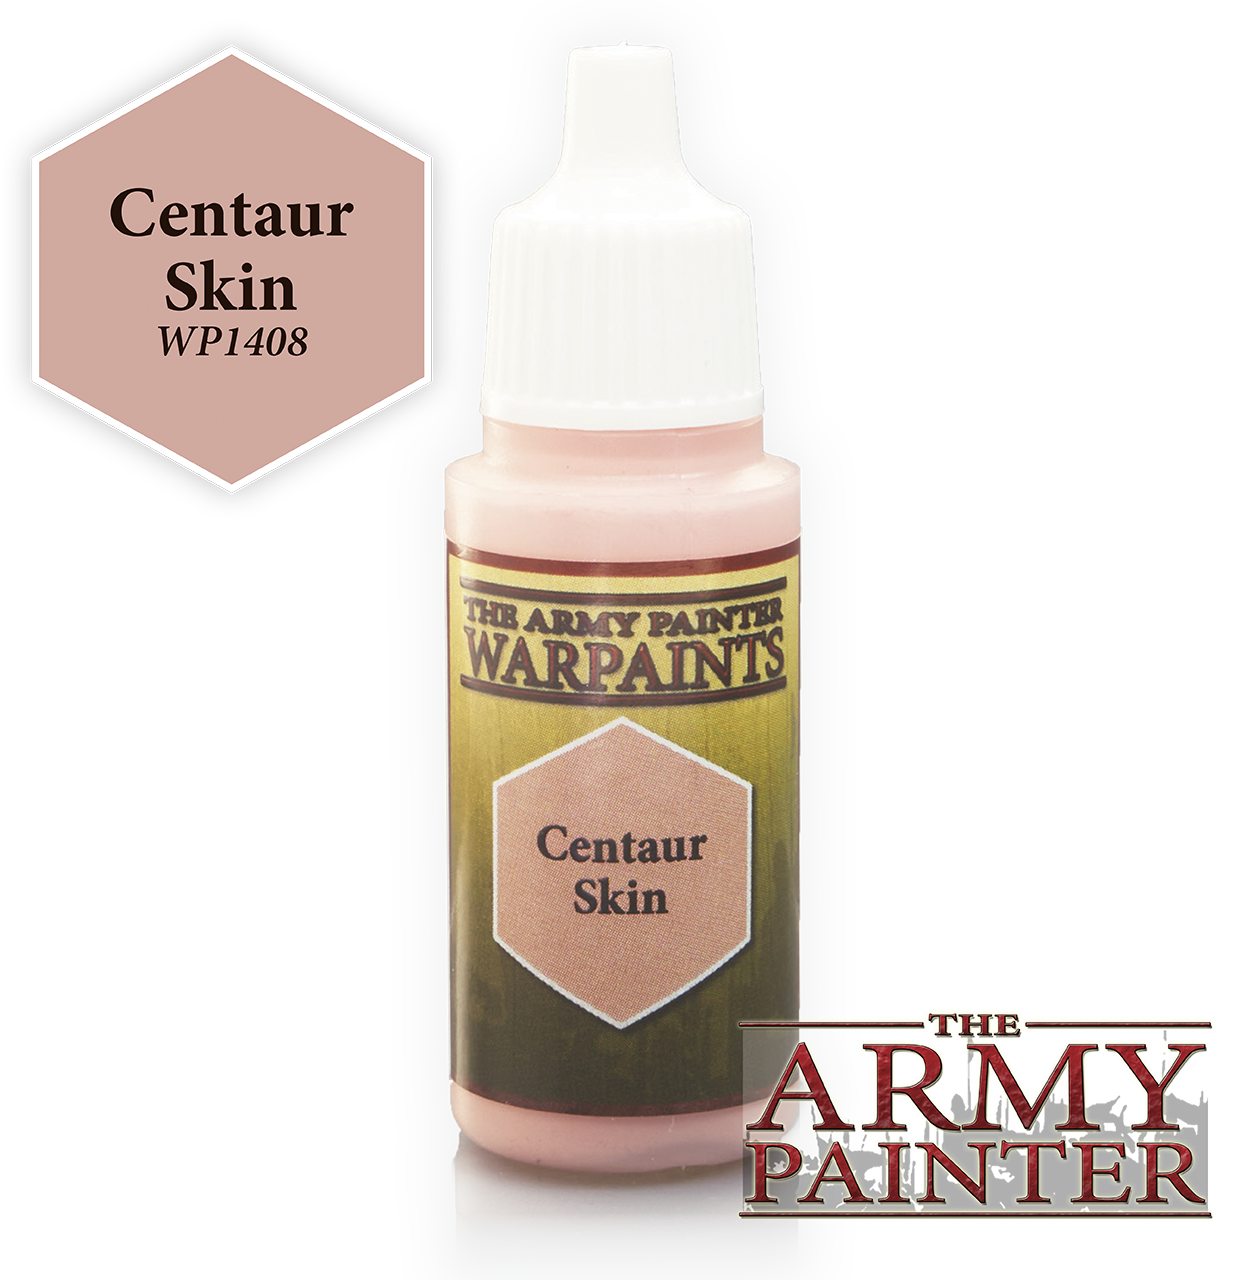 Centaur Skin - Army Painter Warpaints WP1408